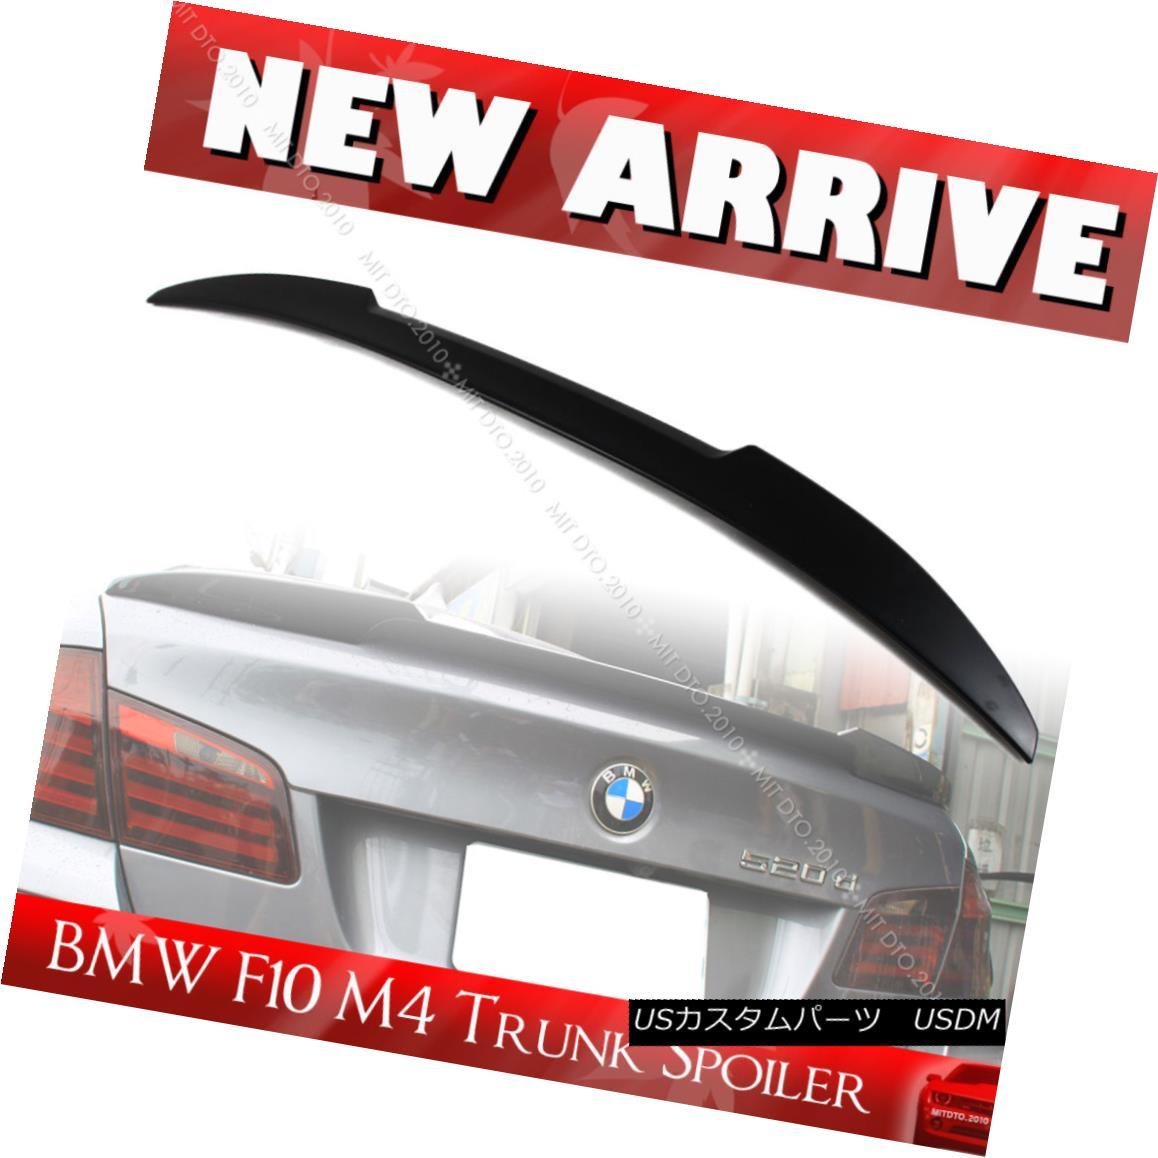 エアロパーツ Unpainted BMW 5-series F10 4DR M4 Type Rear Trunk Spoiler 535i 520i 550i 11-16 未塗装BMW 5シリーズF10 4DR M4タイプリアトランク・スポイラー535i 520i 550i 11-16